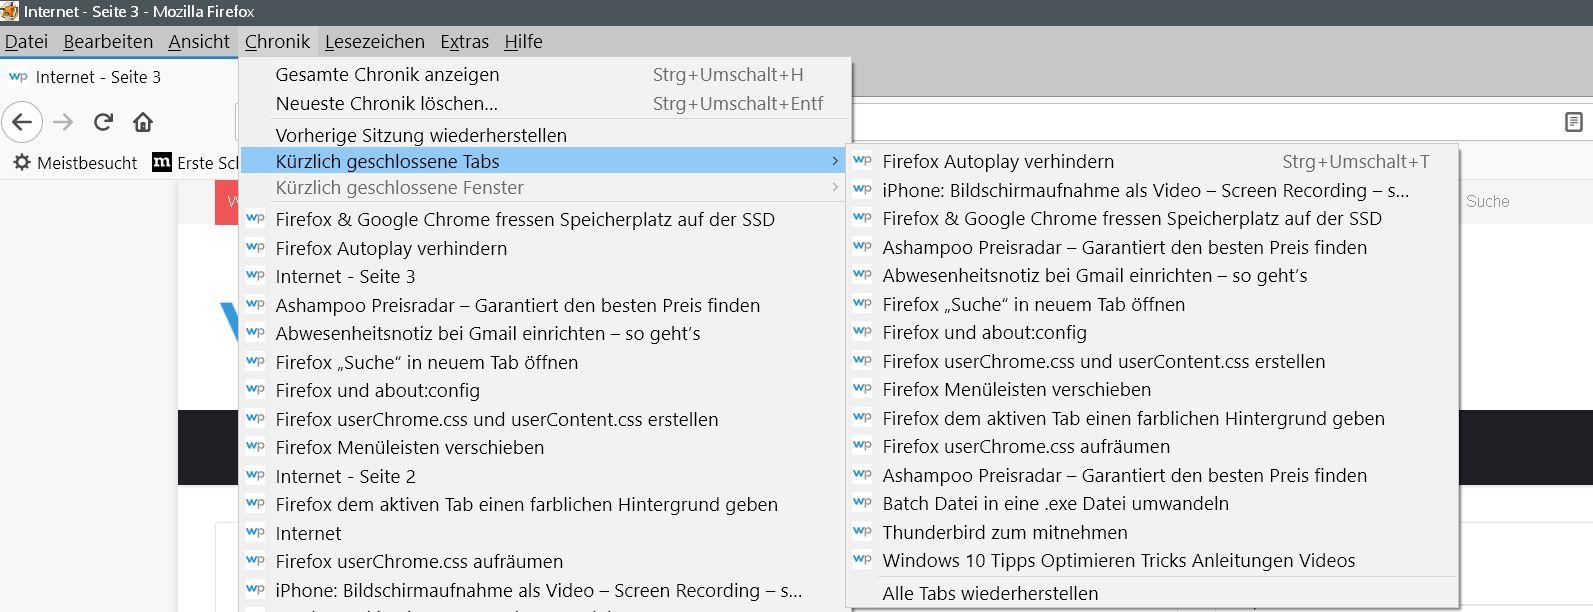 geschl. tabs 15 - Firefox Kürzlich geschlossene Tabs Vorschau erweitern oder deaktivieren